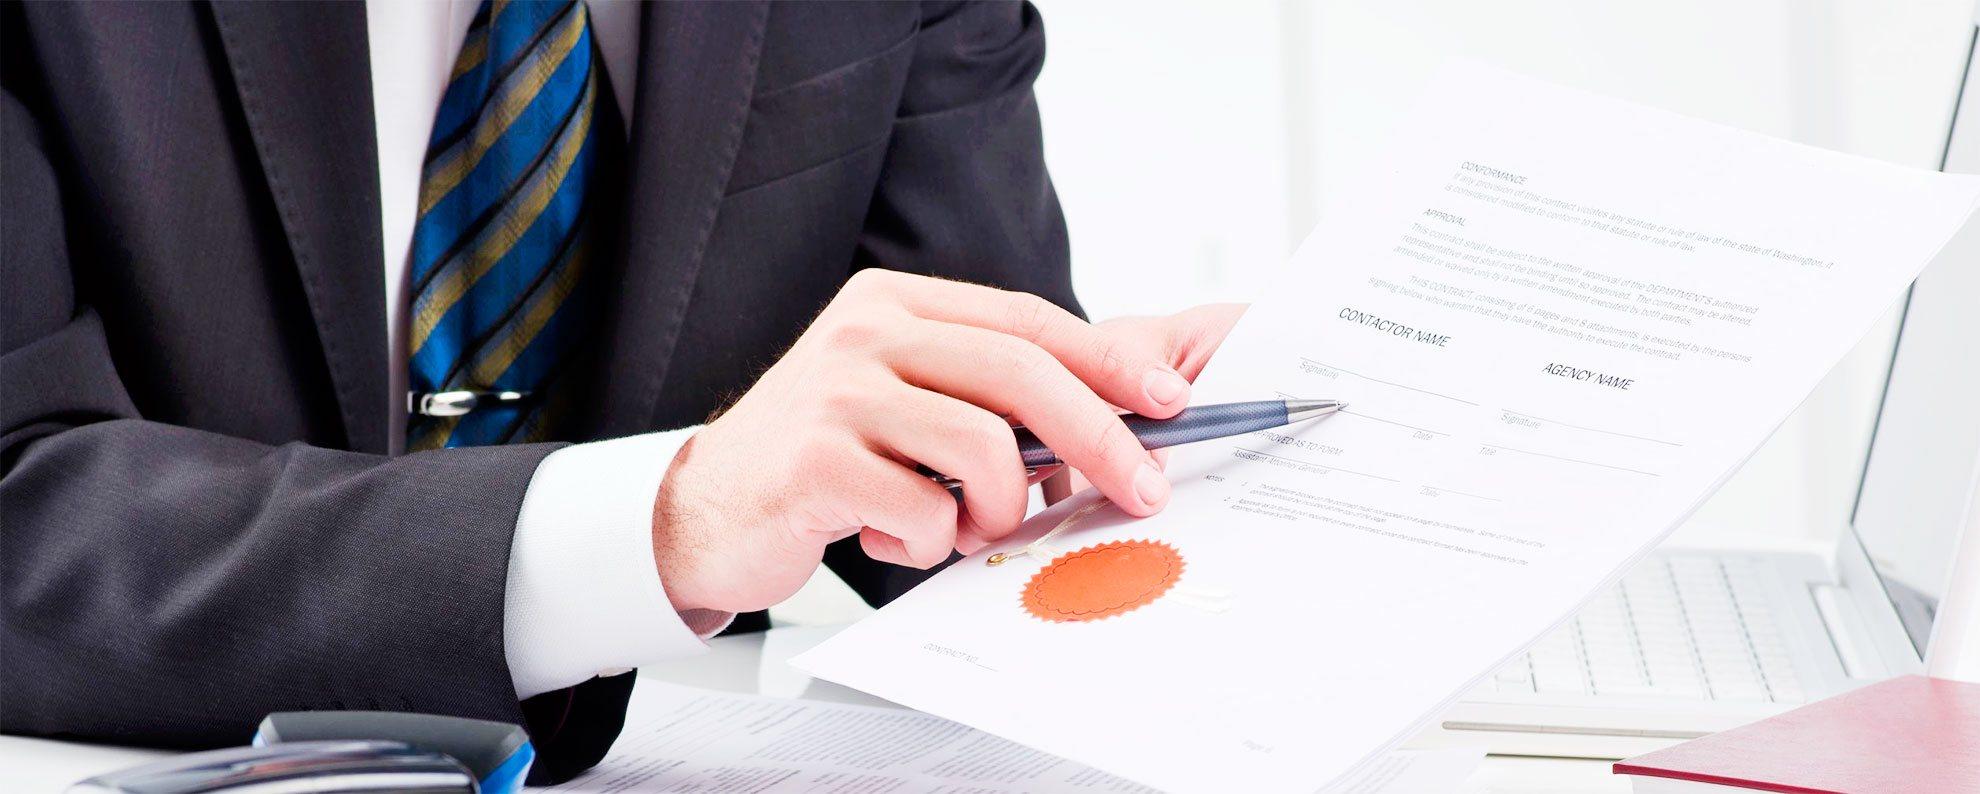 Свидетельства о государственной регистрации (СГР),</br>Экспертные заключения (ЭЗ)